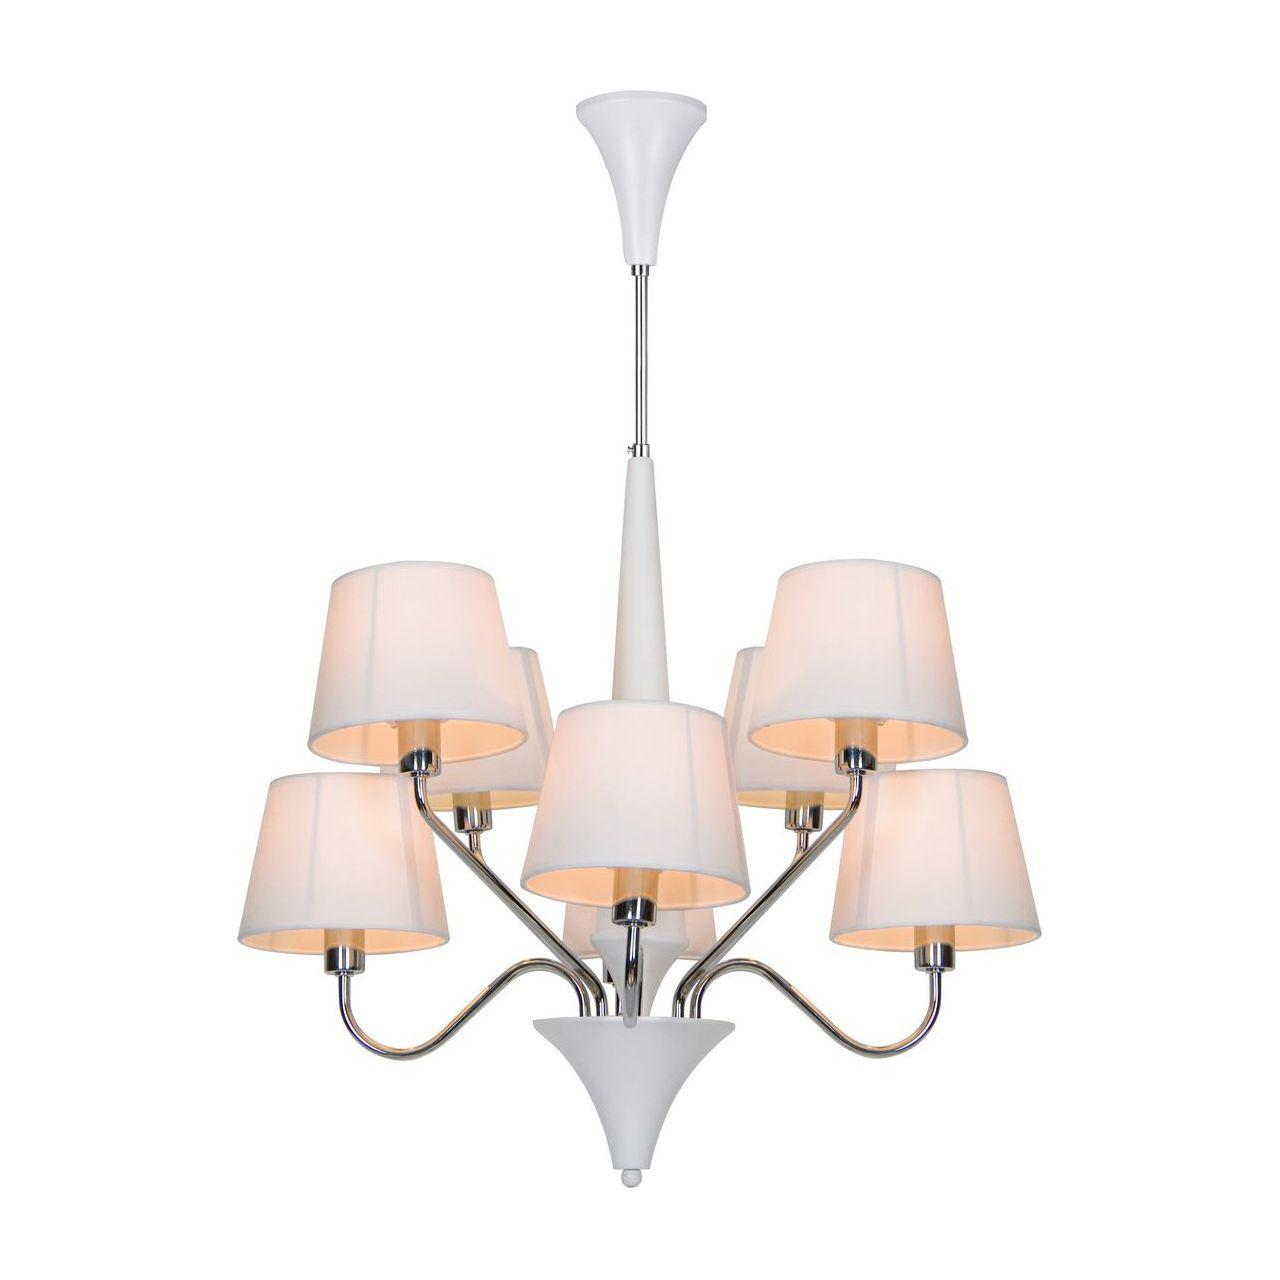 Люстра Arte Lamp A1528LM-8WH подвесная цена